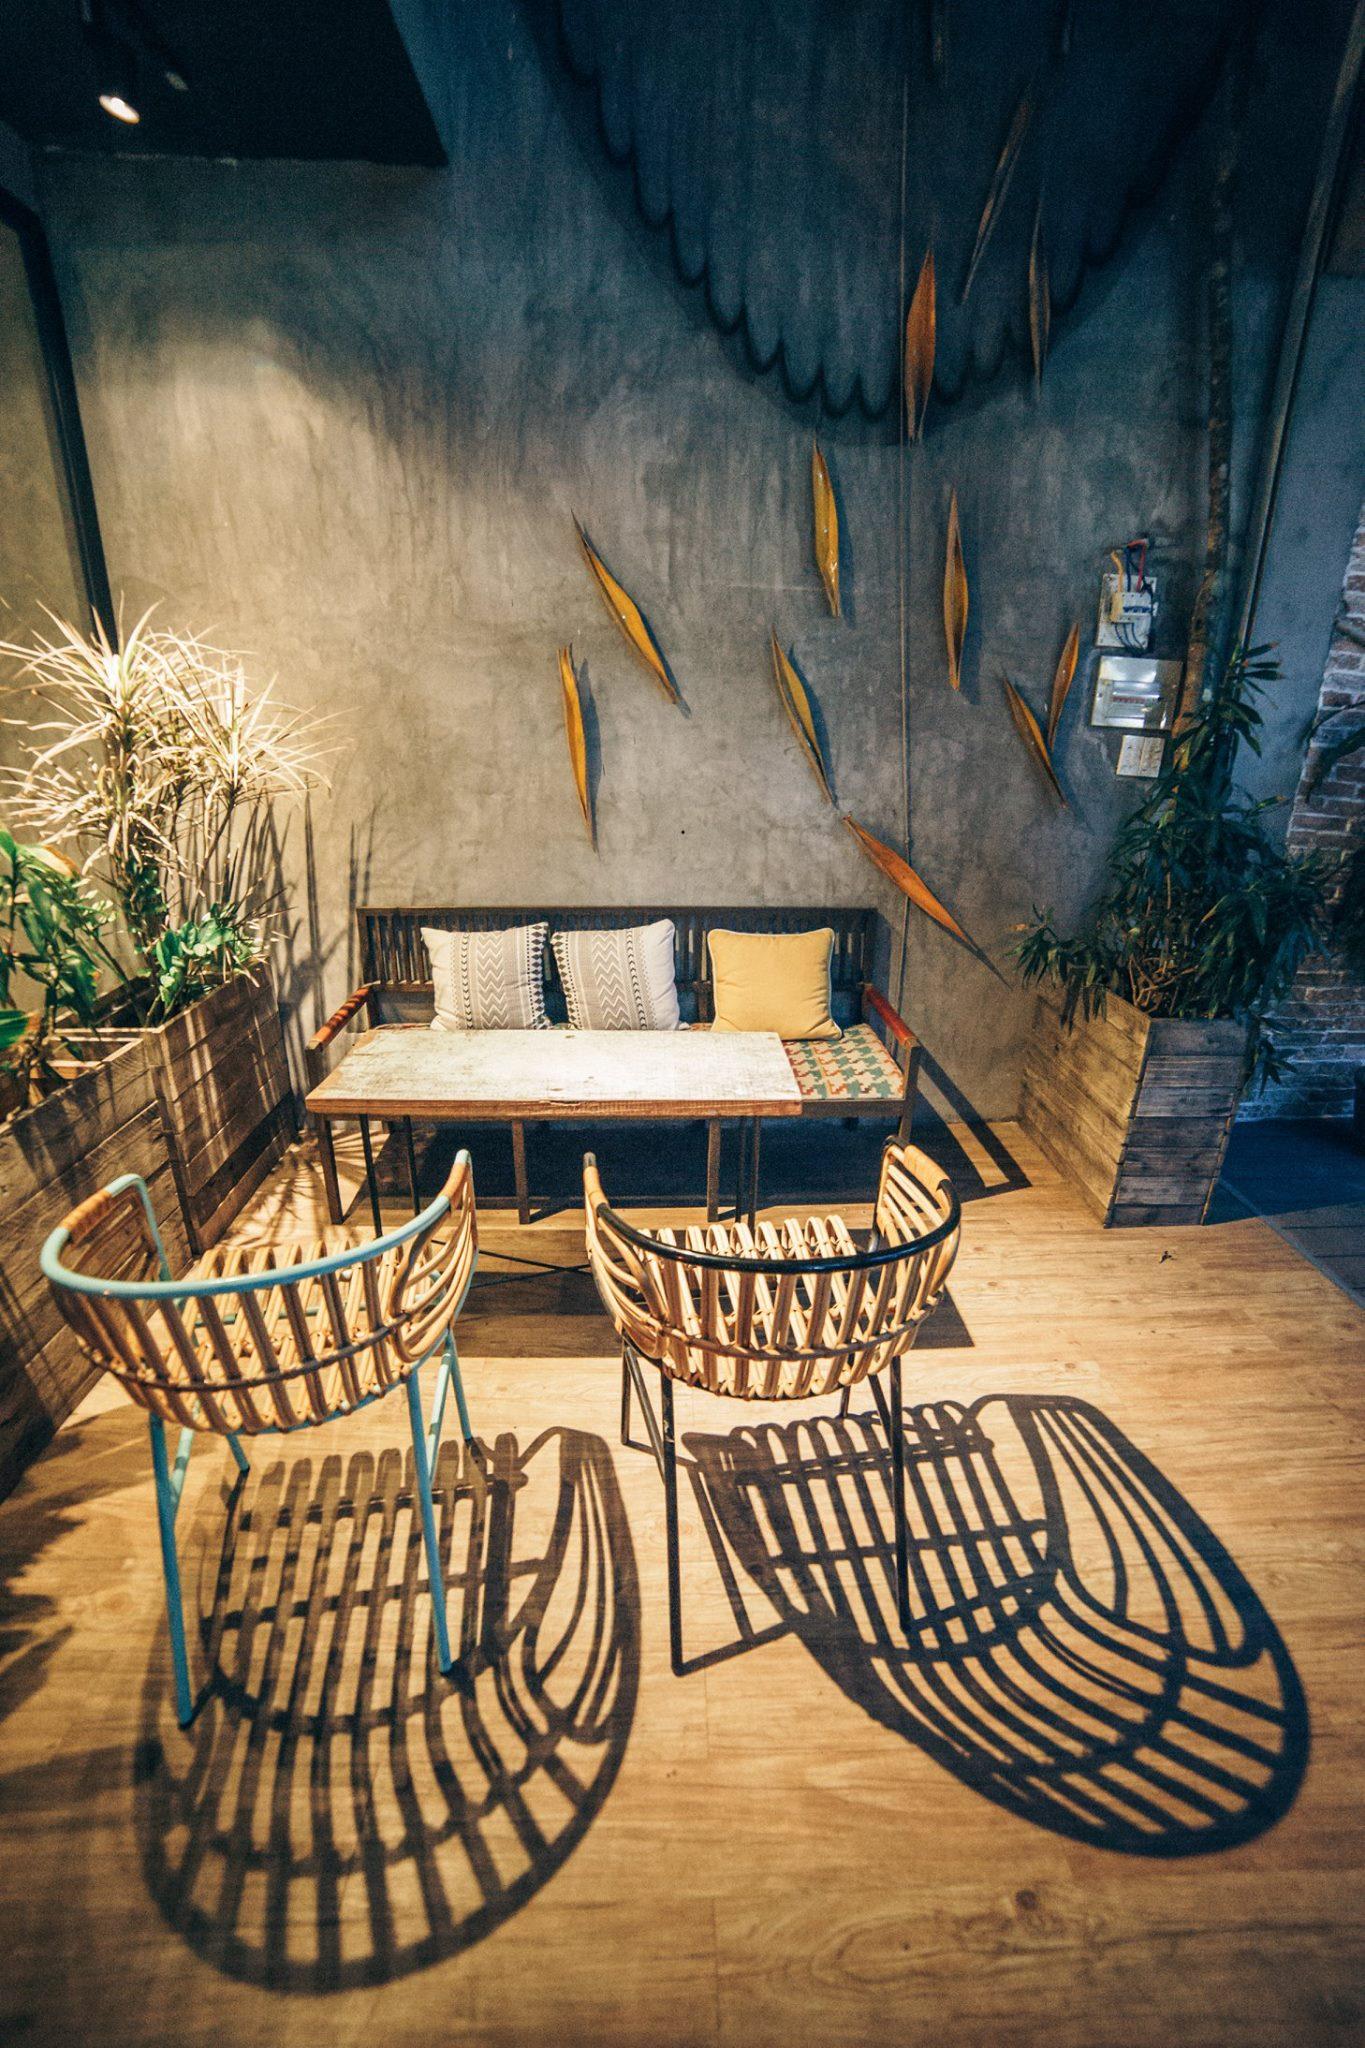 Bàn ghế mây tự nhiên hay bàn ghế nhựa giả mây là thích hợp cho quán café.